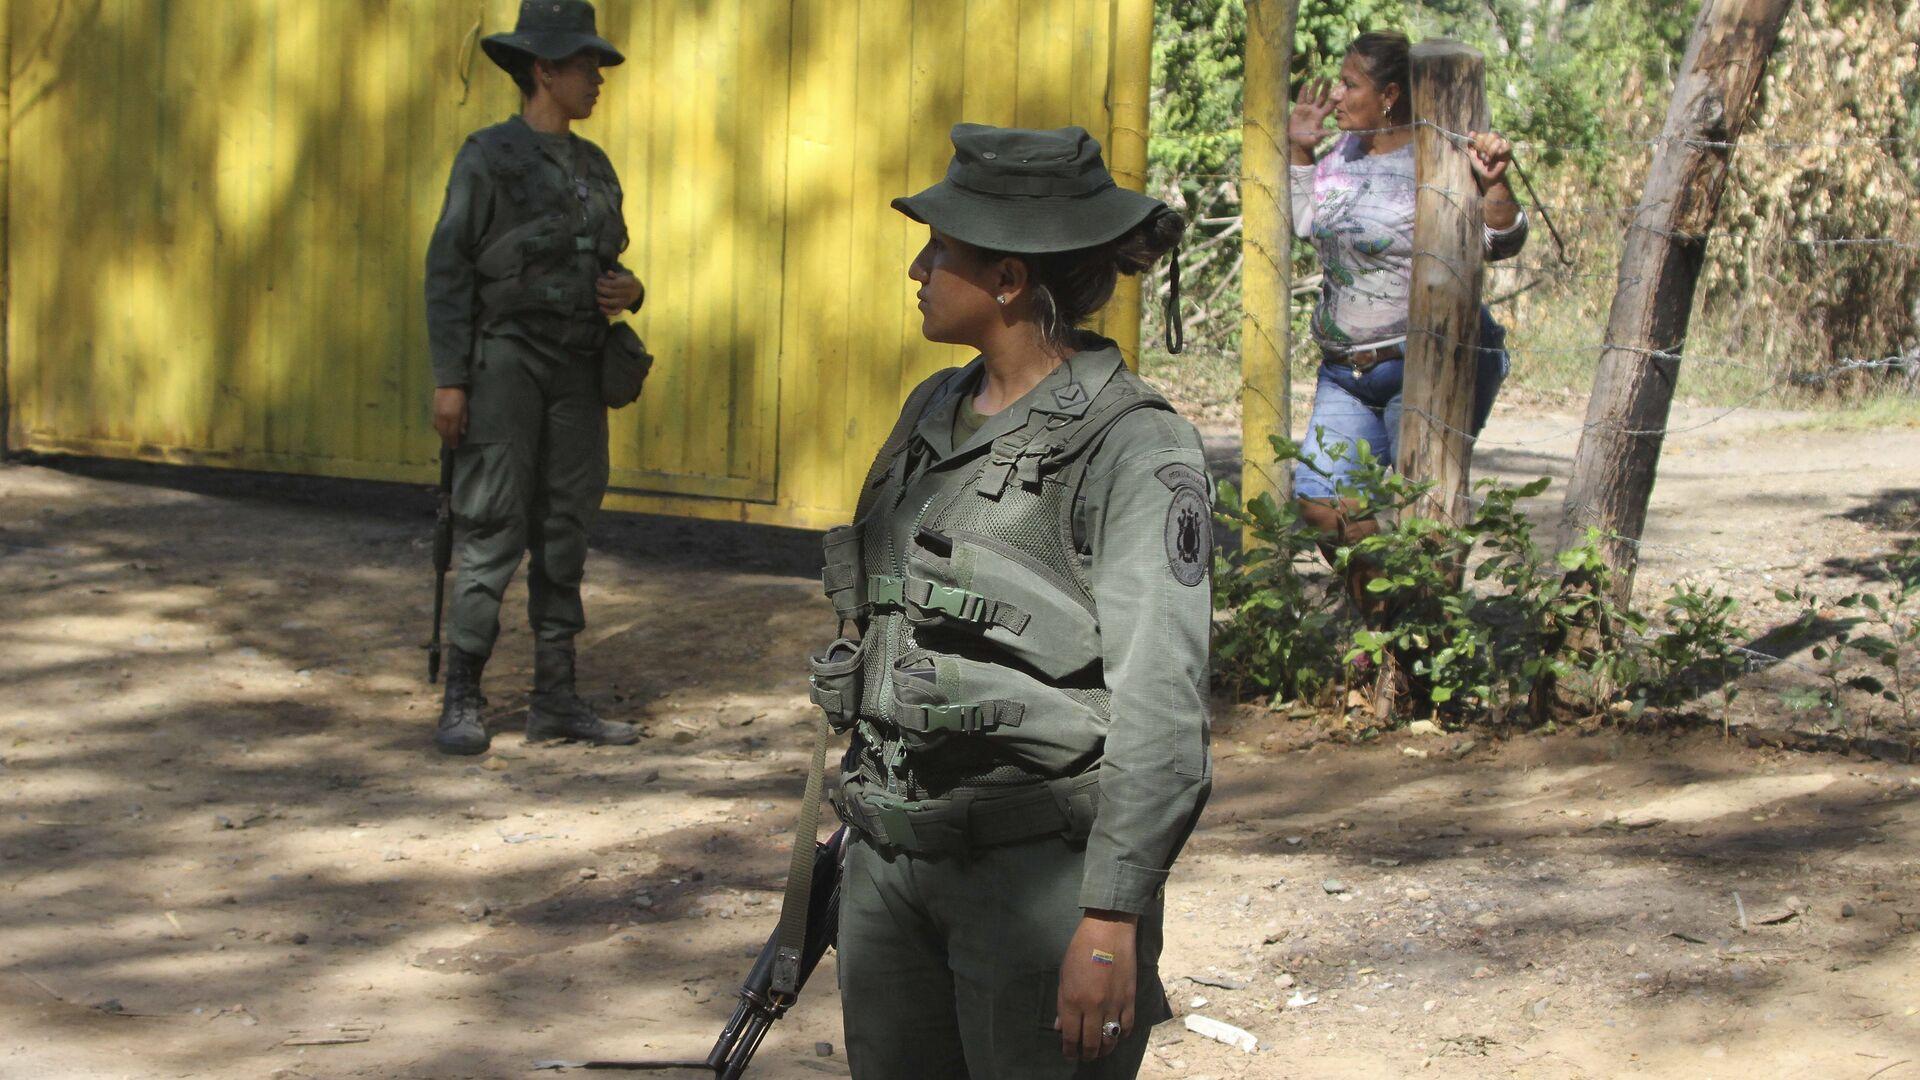 Policía venezolana en la frontera con Colombia (archivo) - Sputnik Mundo, 1920, 05.10.2021